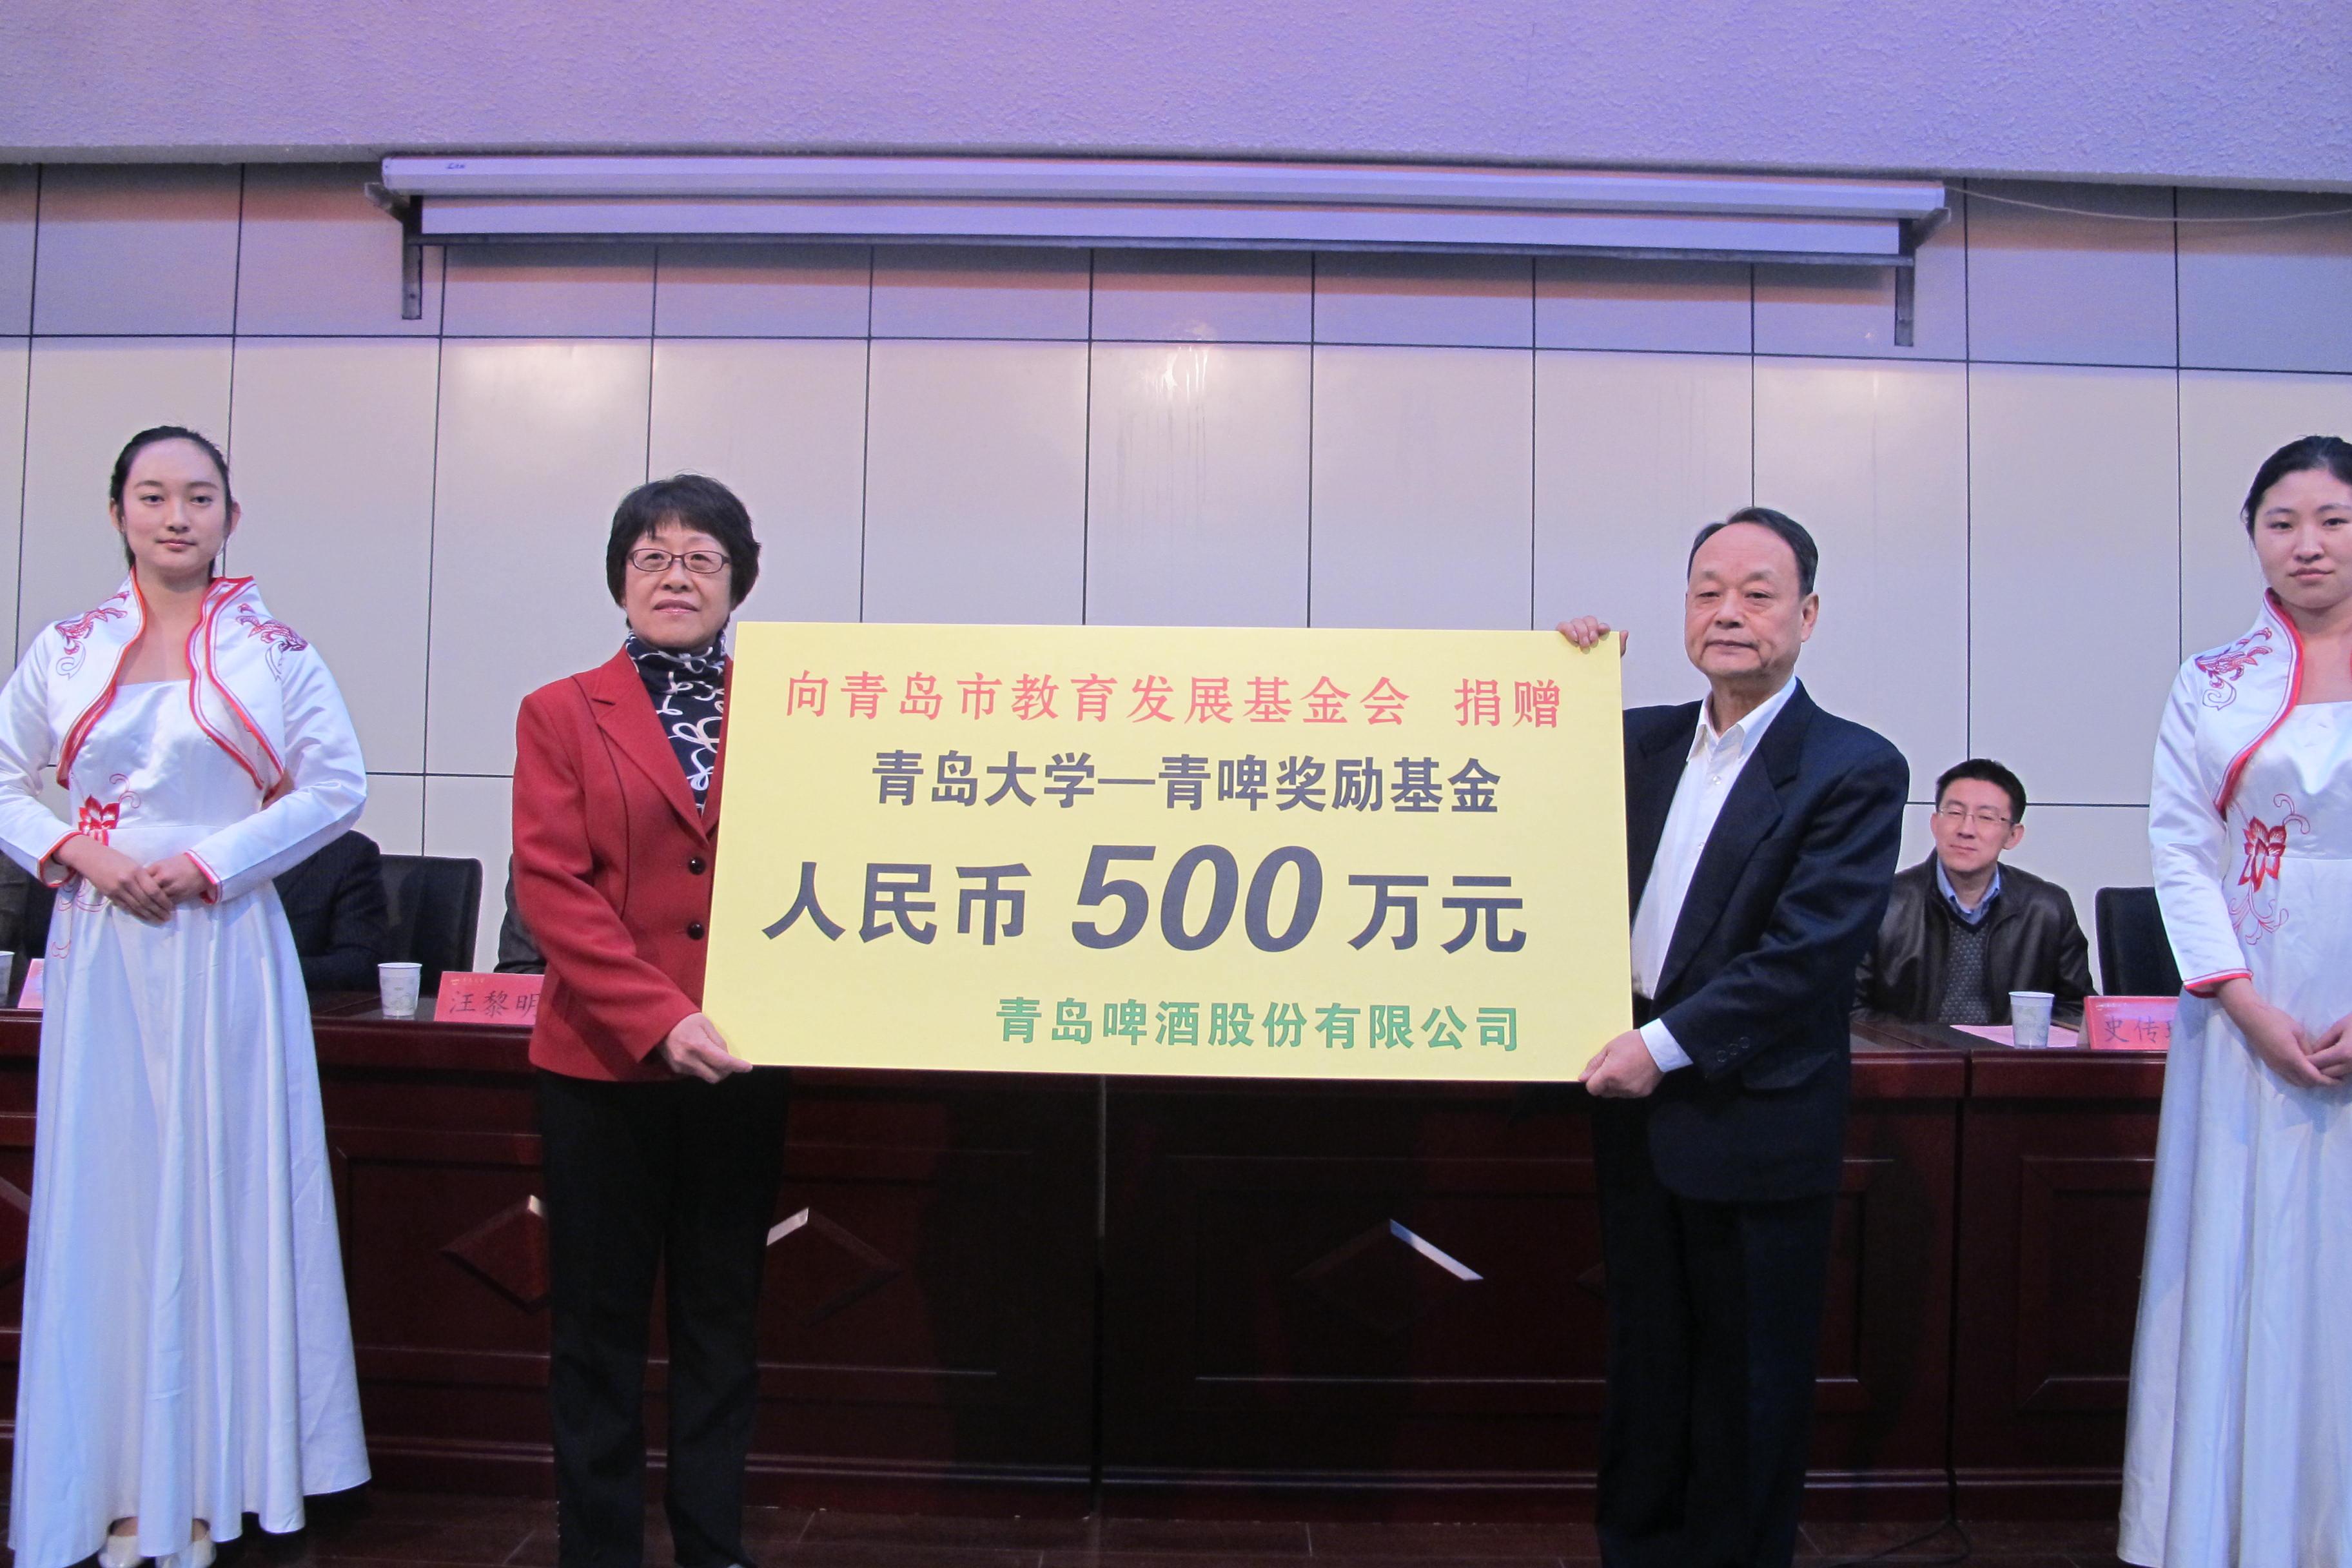 青岛啤酒公司副总裁姜宏女士代表公司捐资青岛大学--青啤奖励基金仪式